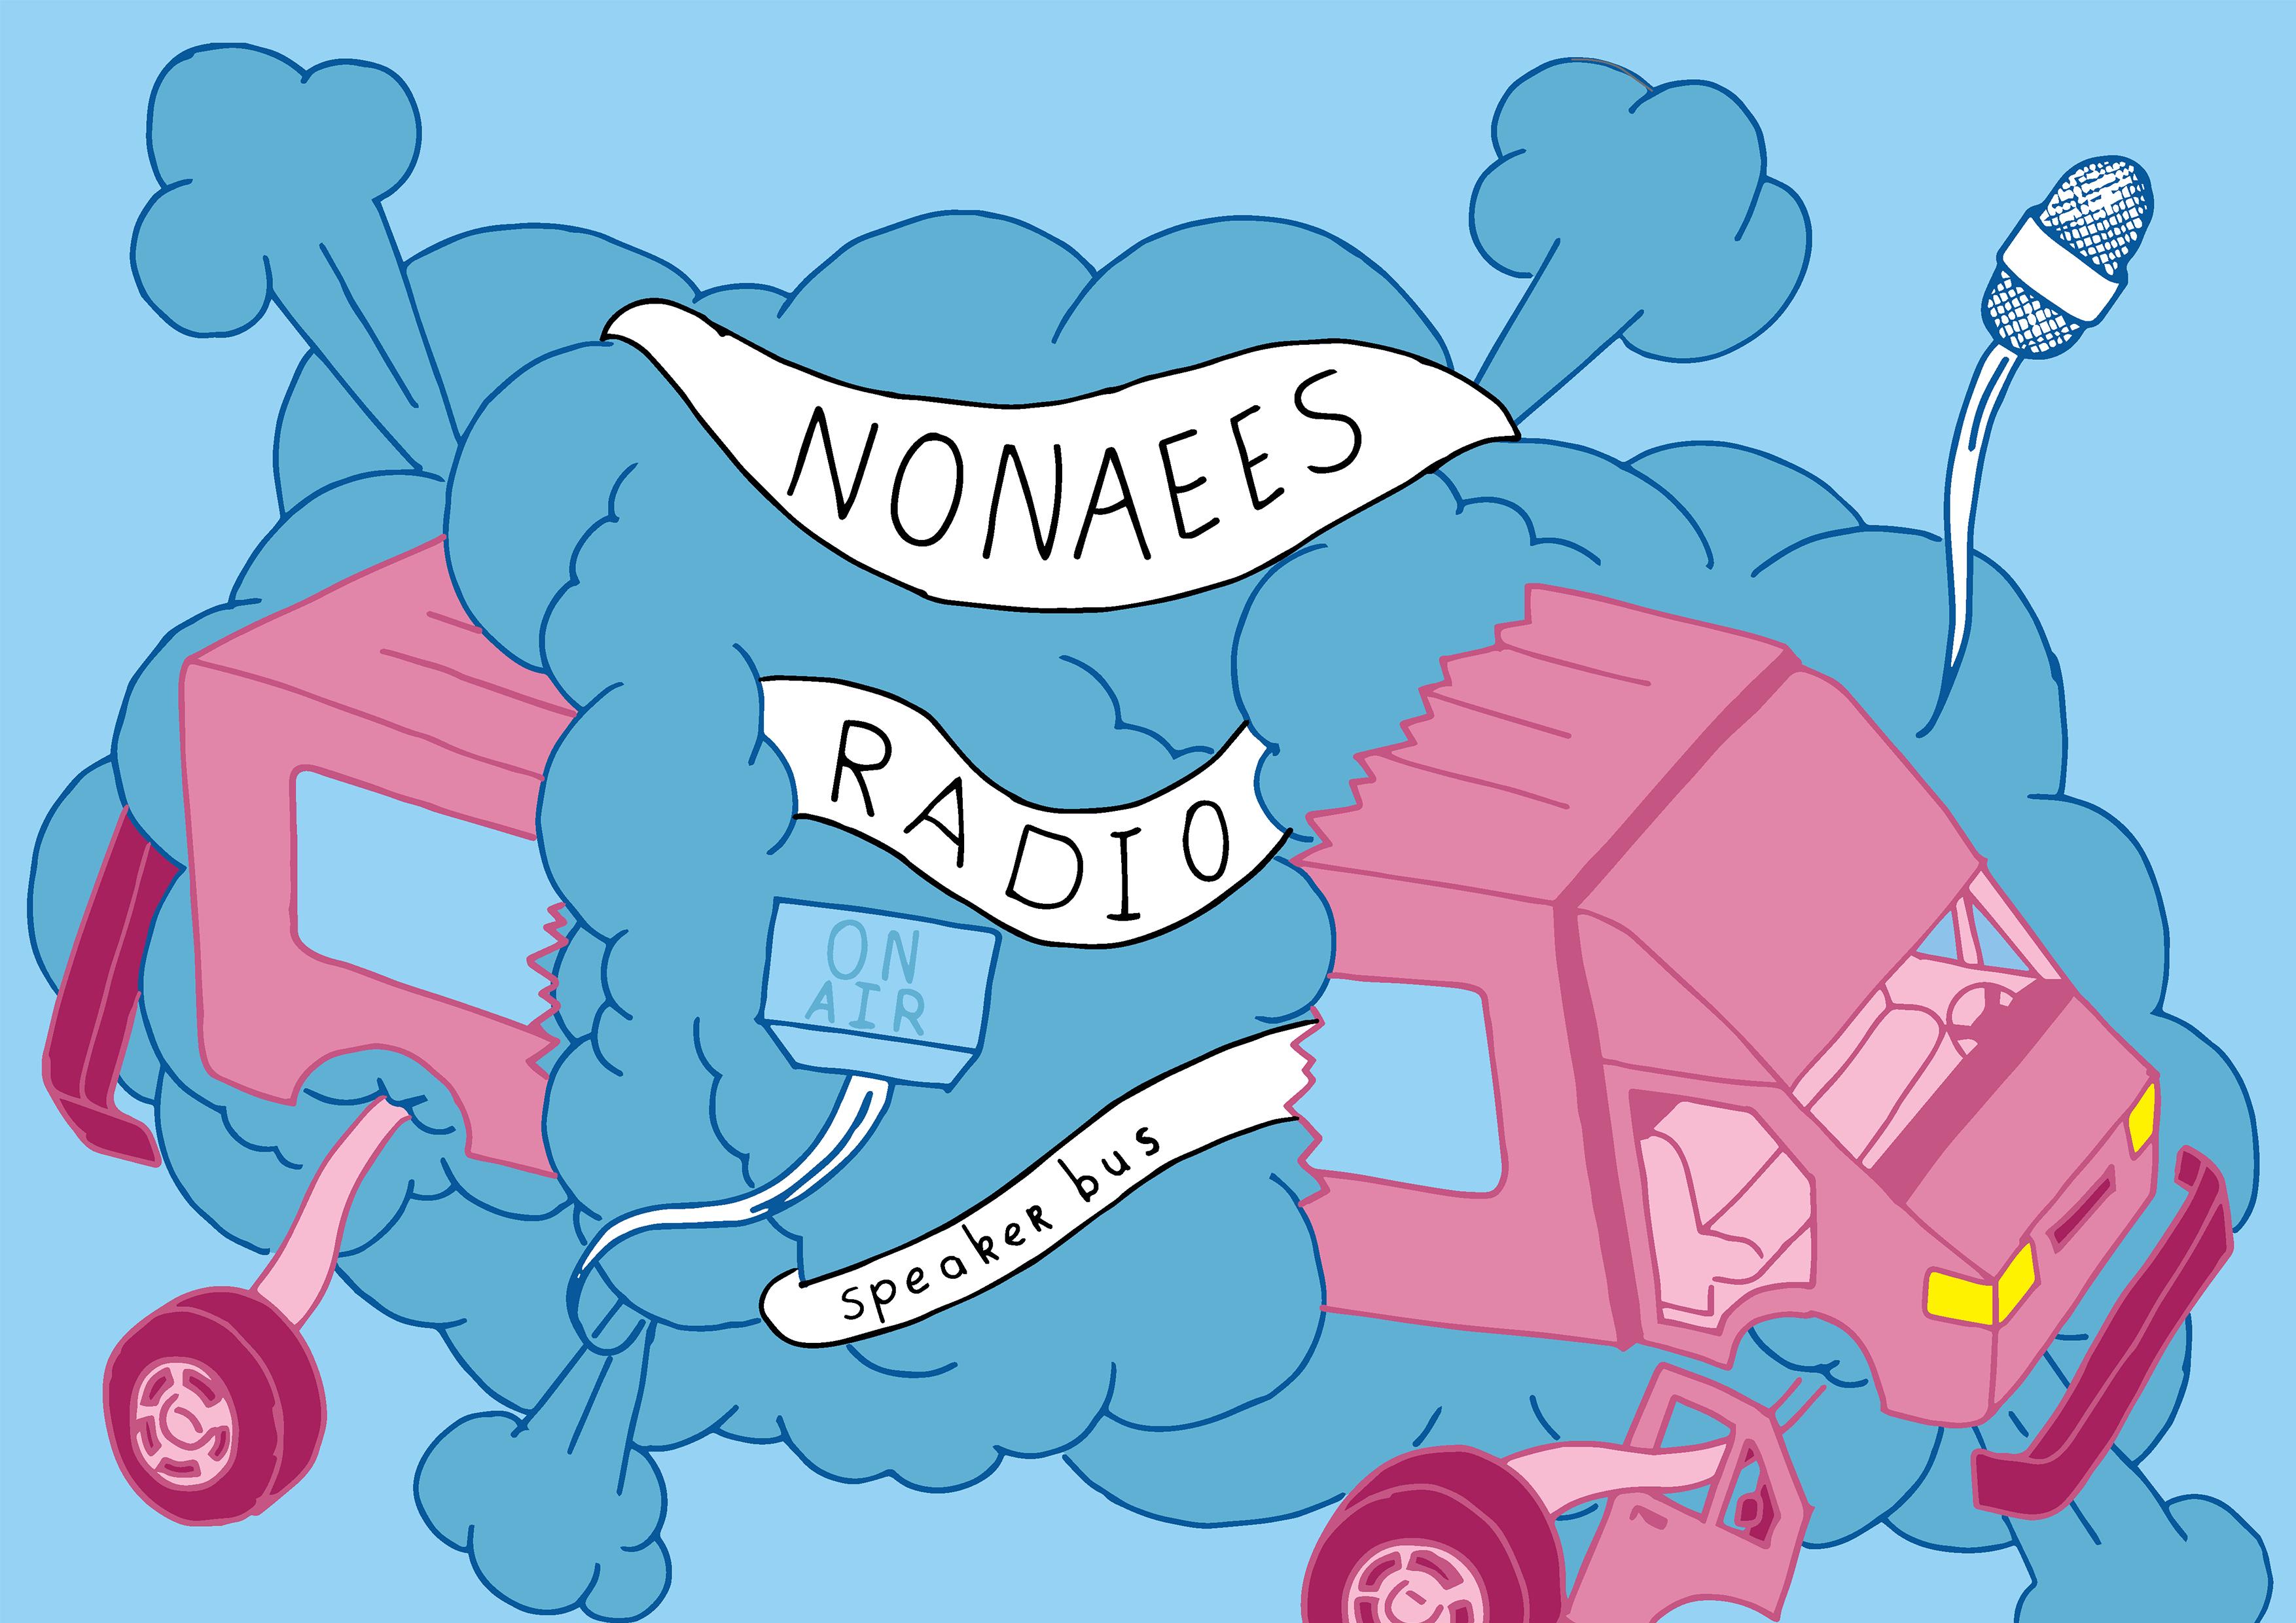 Nona Ees Radio